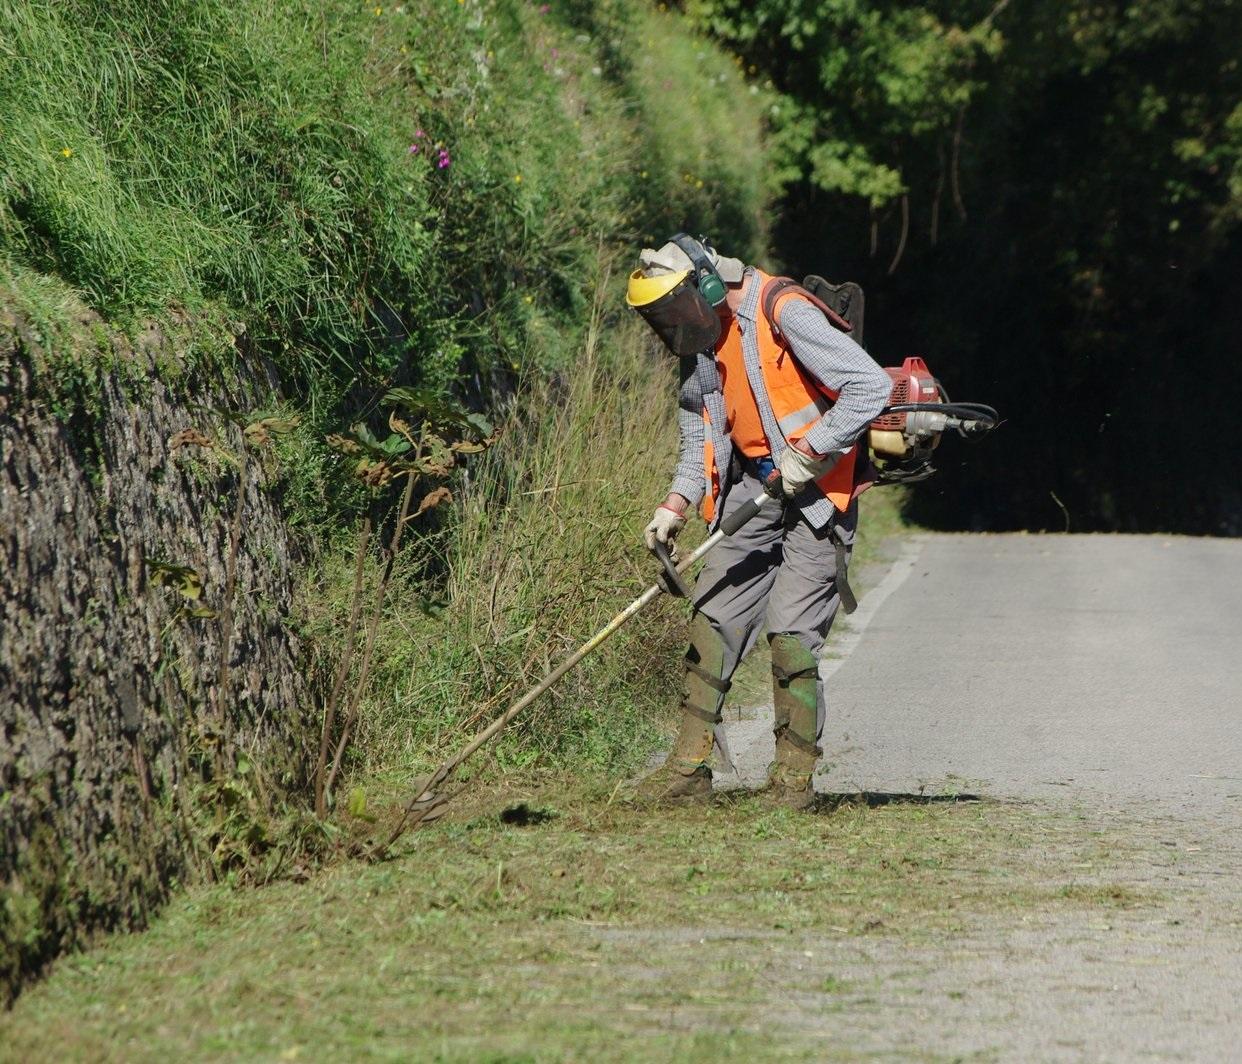 Pulizia dei fossati comunali: al via le operazioni di manutenzione del reticolo